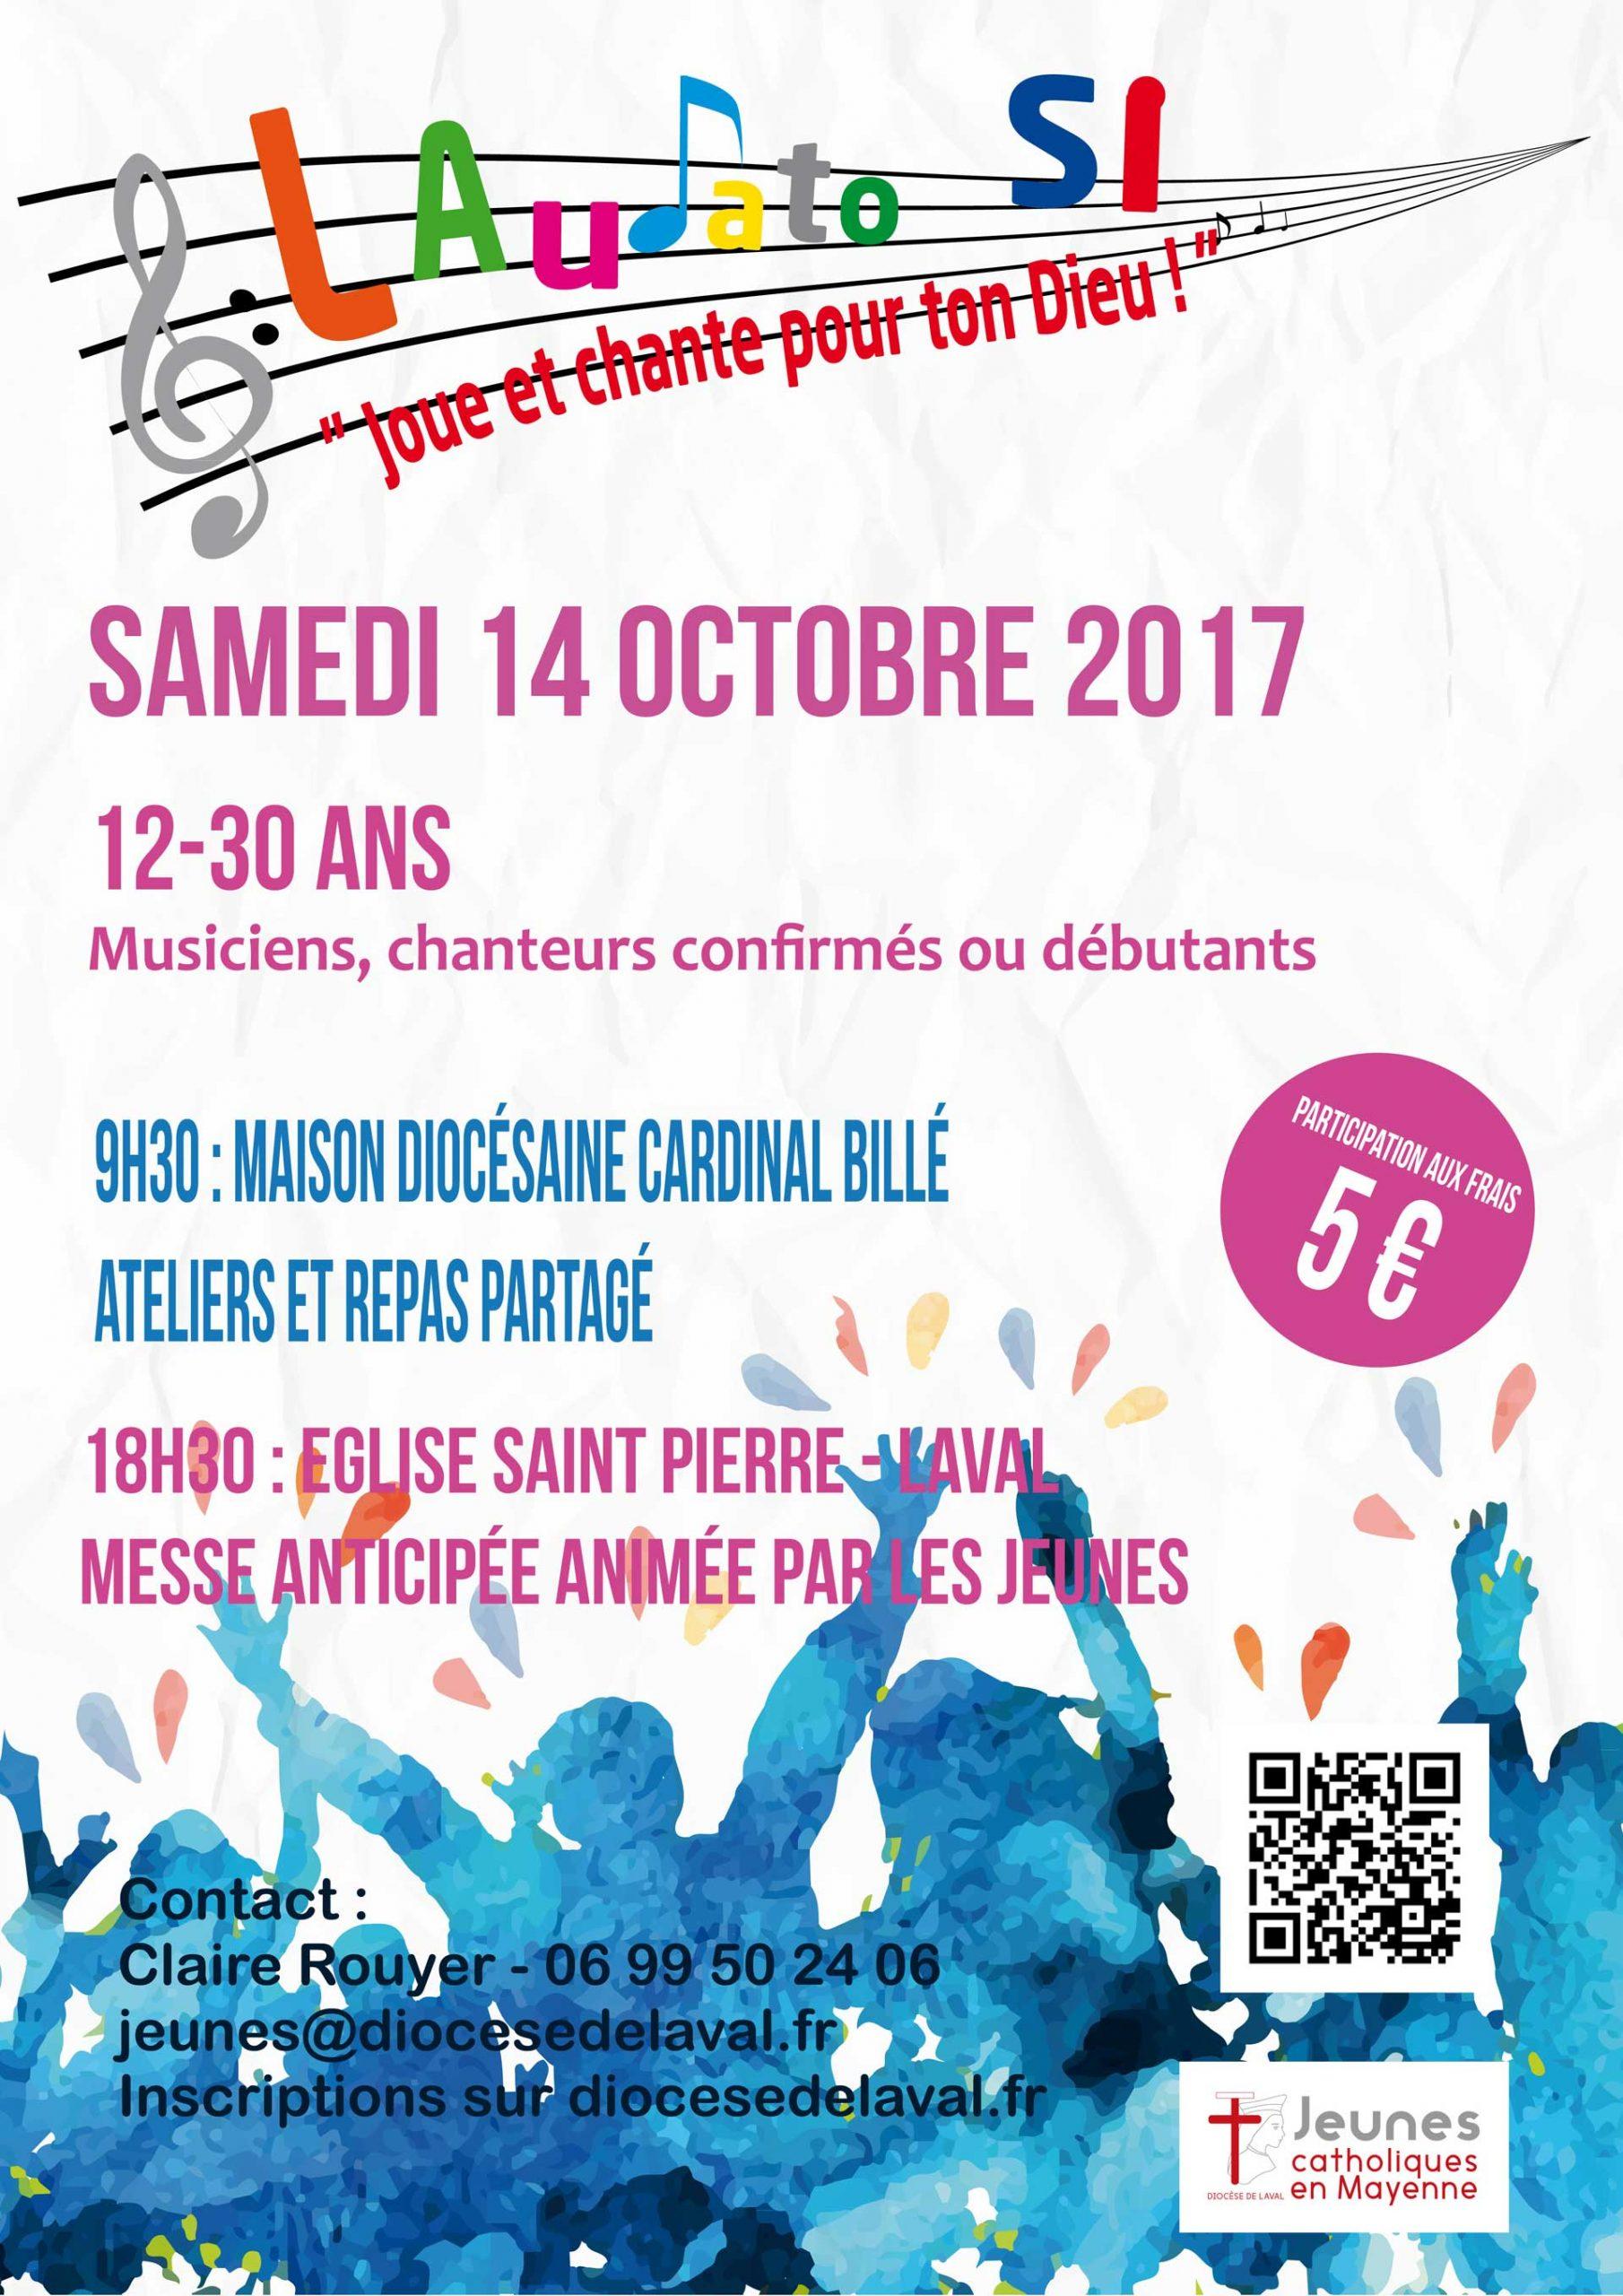 LAudato SI, la journée qui loue et chante Dieu le 14 octobre à Laval